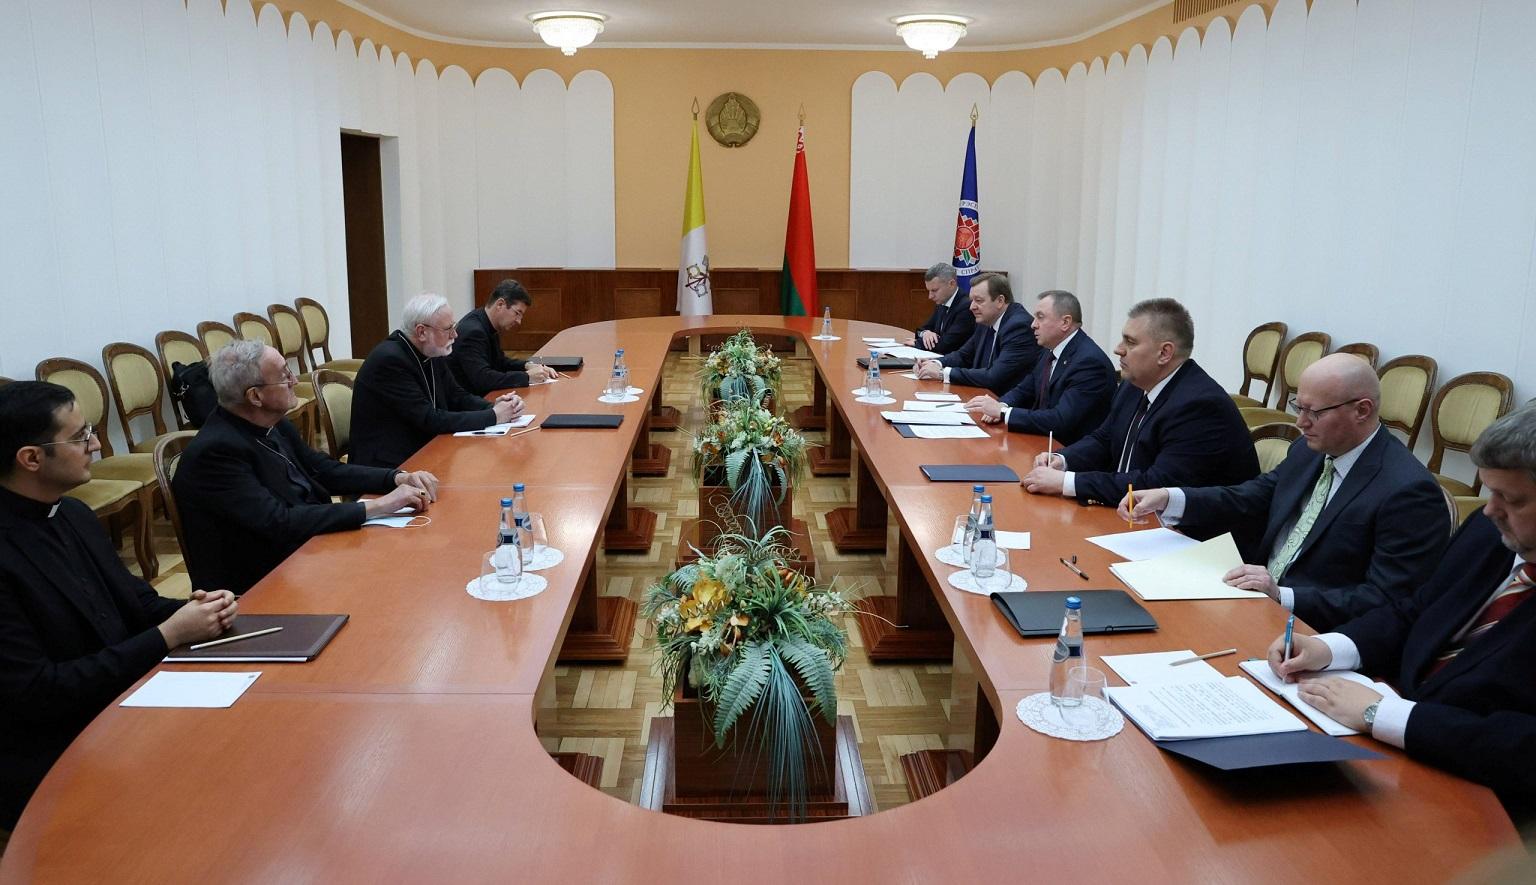 Подробности визита в Беларусь секретаря по связям с государствами Галлахера